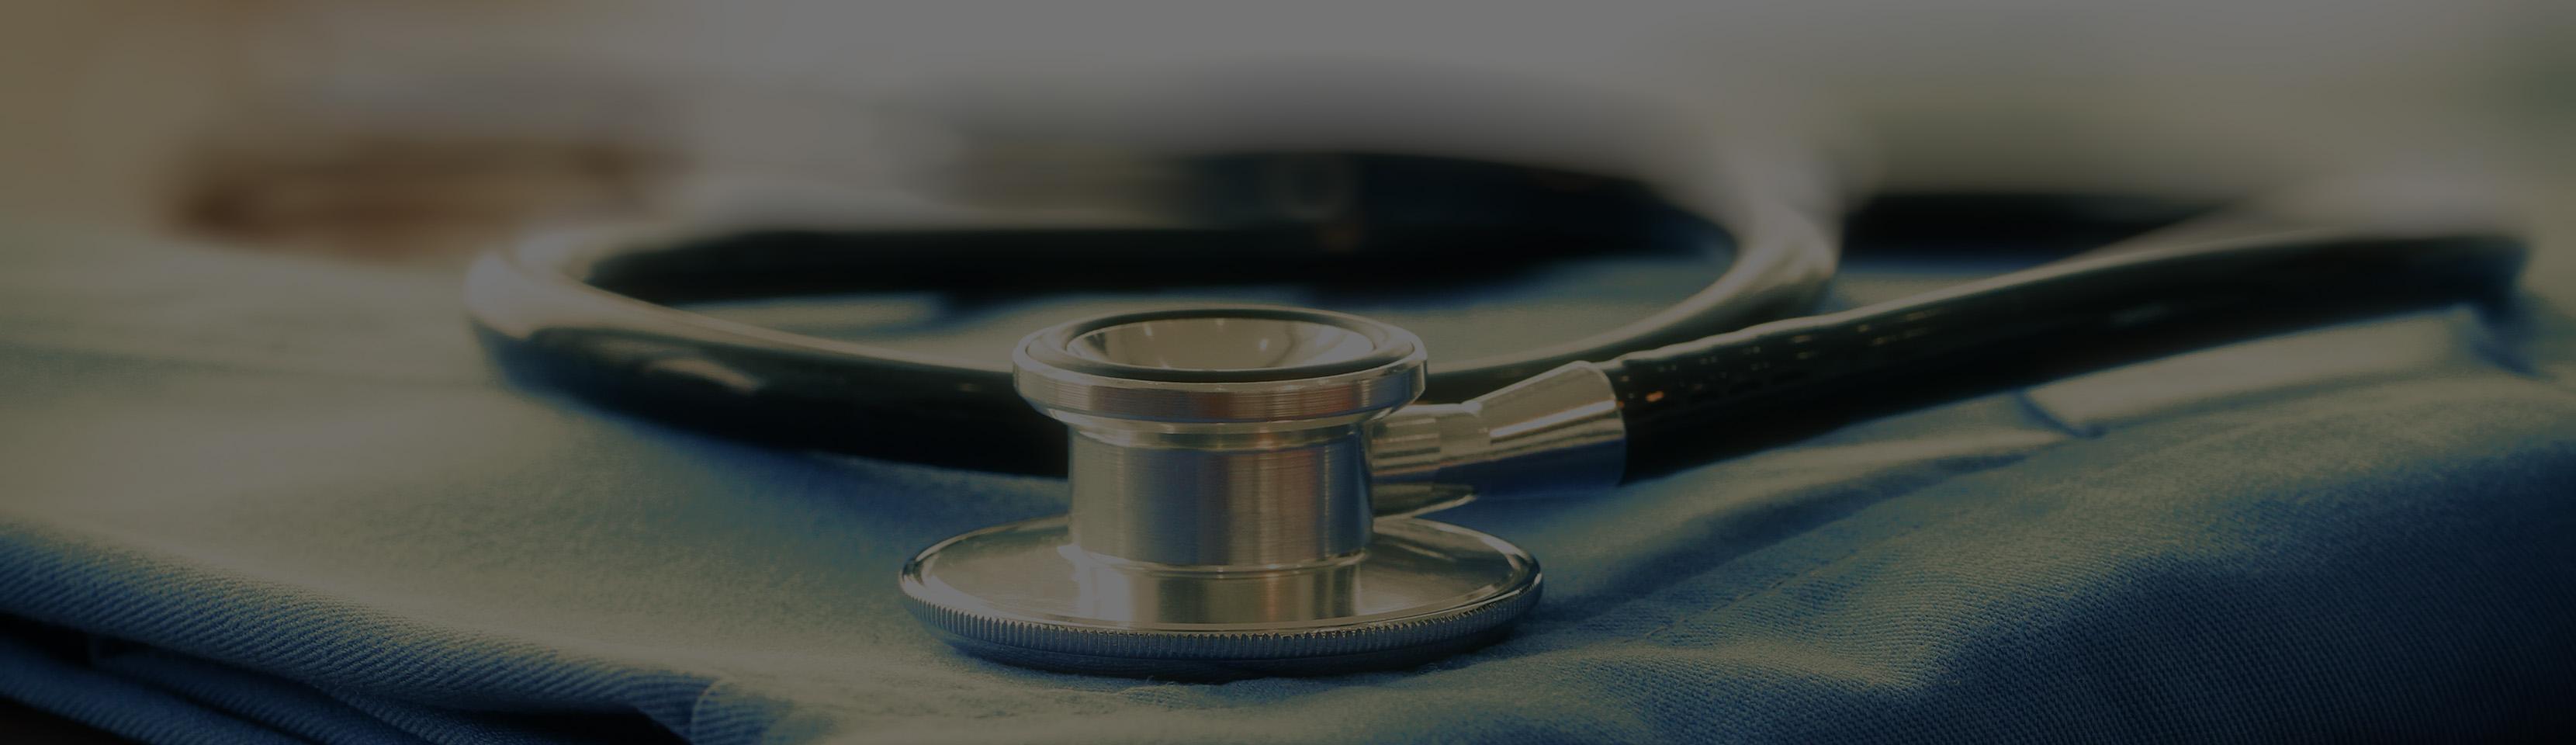 Maryland Court Dismisses COVID-19 Lawsuit Against D.C. Hospital